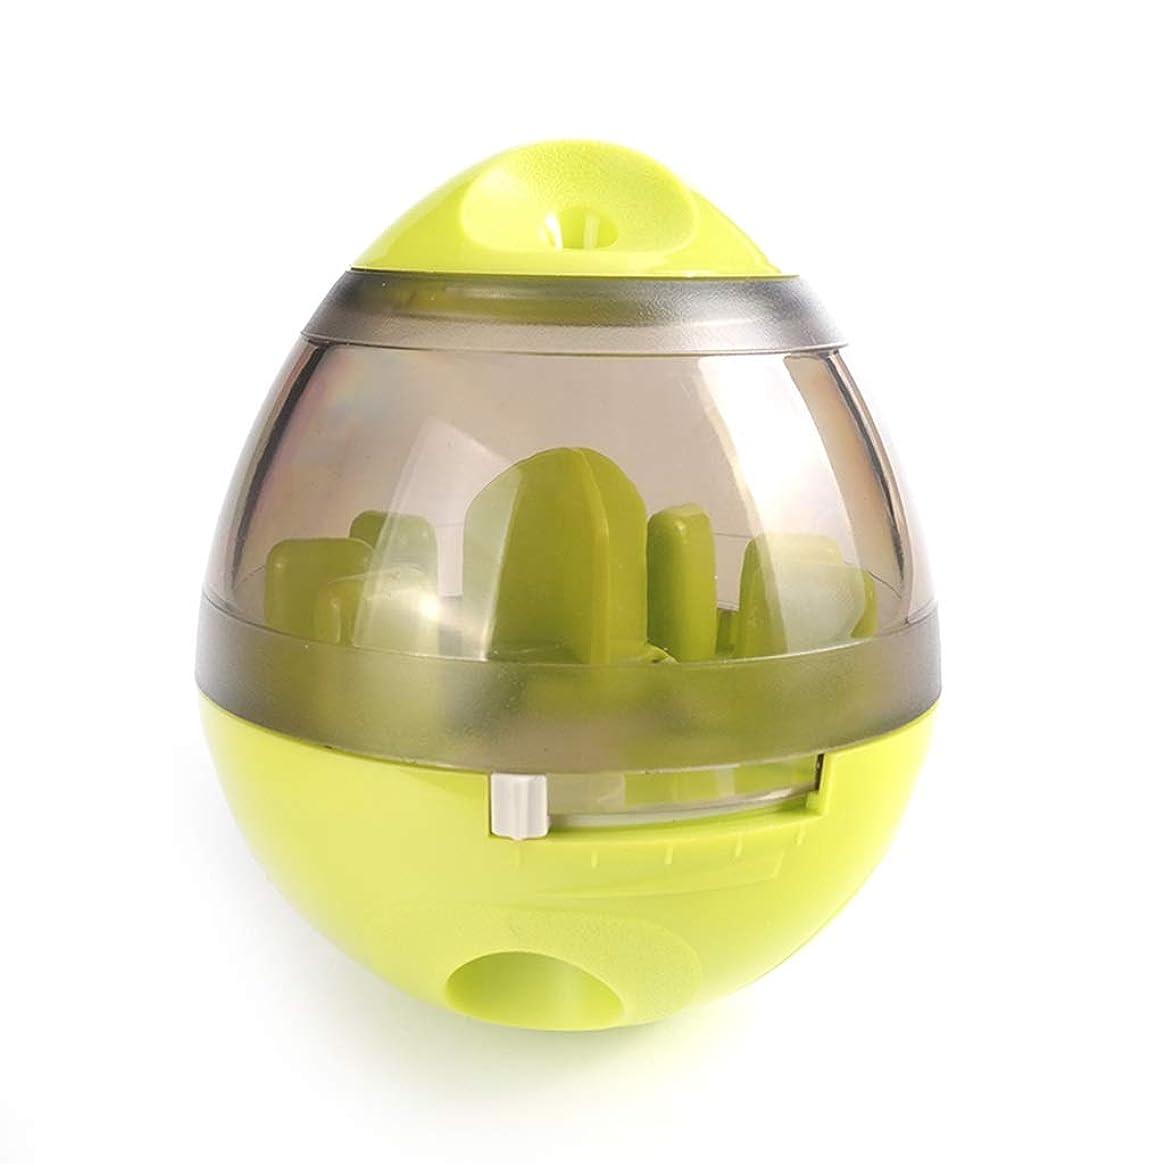 おもちゃ取り囲む絶壁IUYWLペットボール ペット用おもちゃ、タンブラーラバーベース、噛みにくいペット、フードボール、パズルペットトレーニングボール IUYWLペットボール (Color : Green)